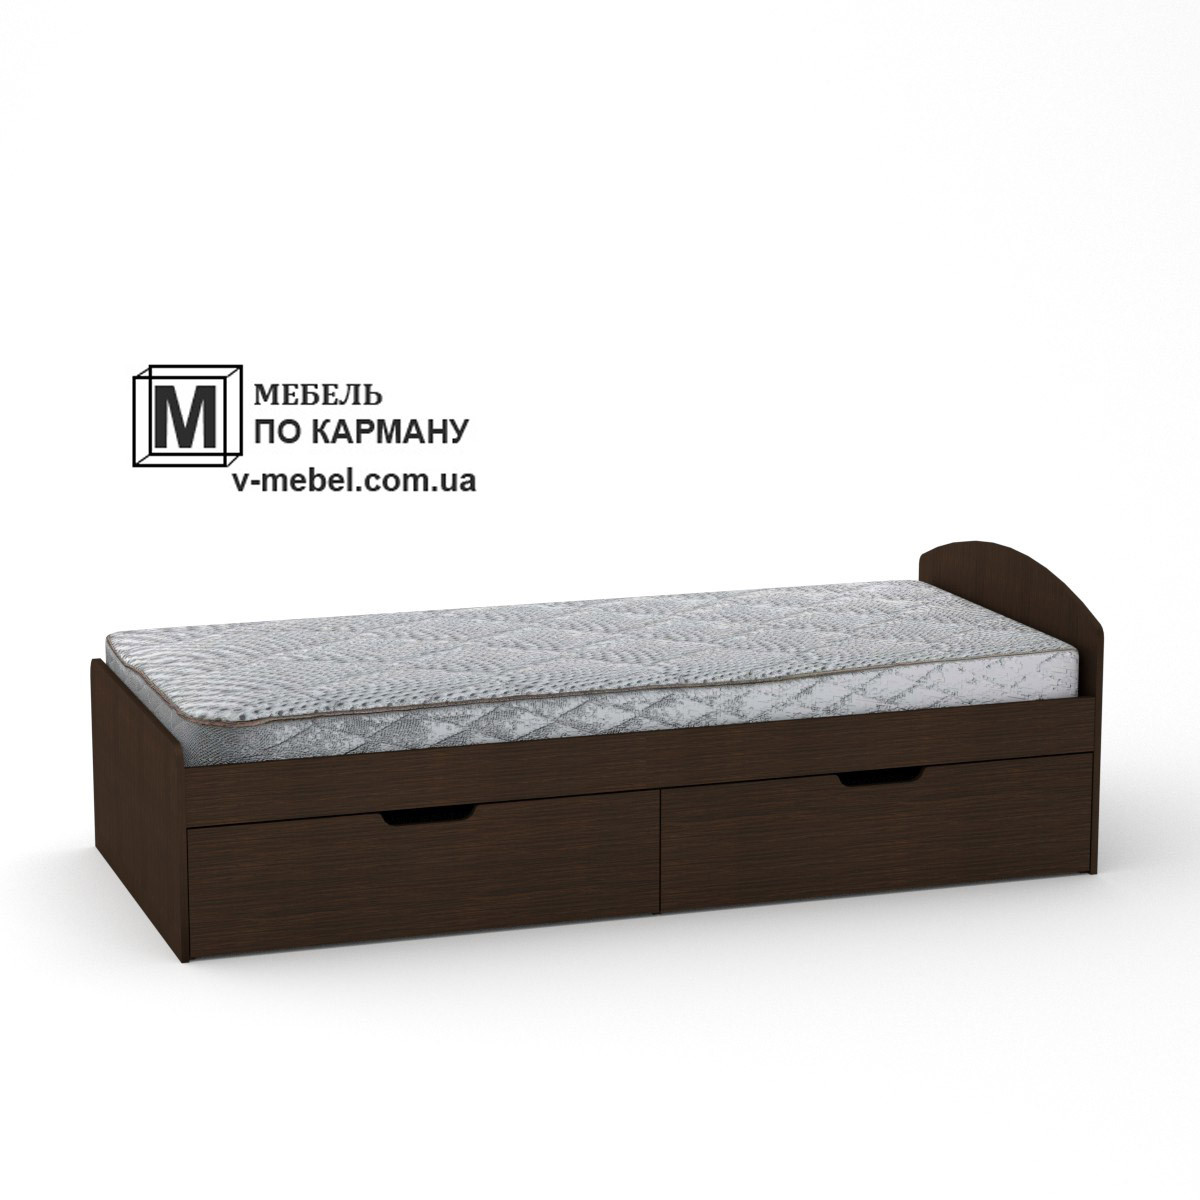 Односпальная кровать с двумя ящиками на колесиках 90+2